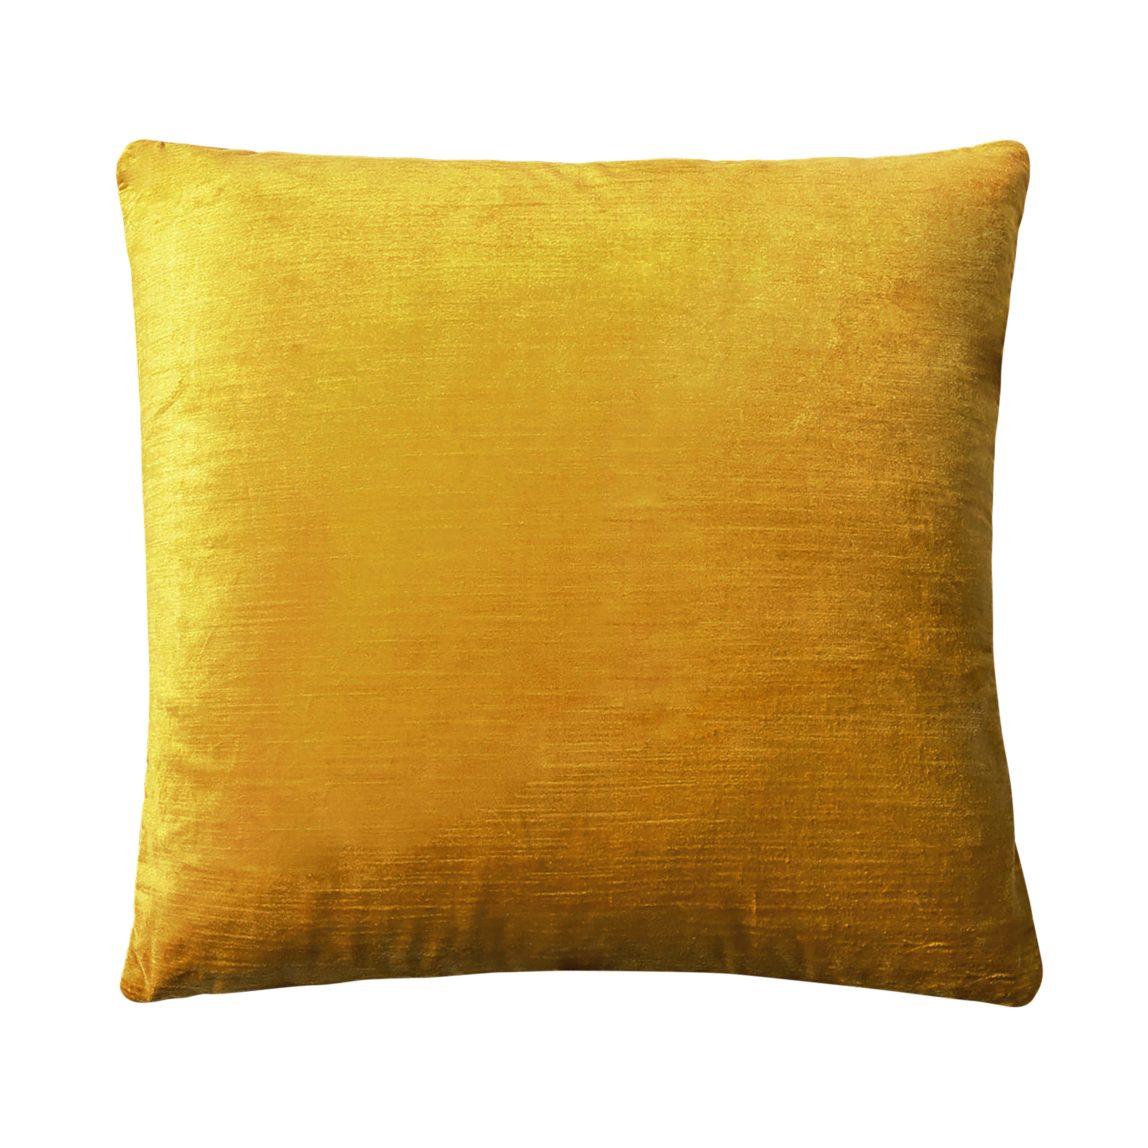 Мягкие пухлые подушки на заказ